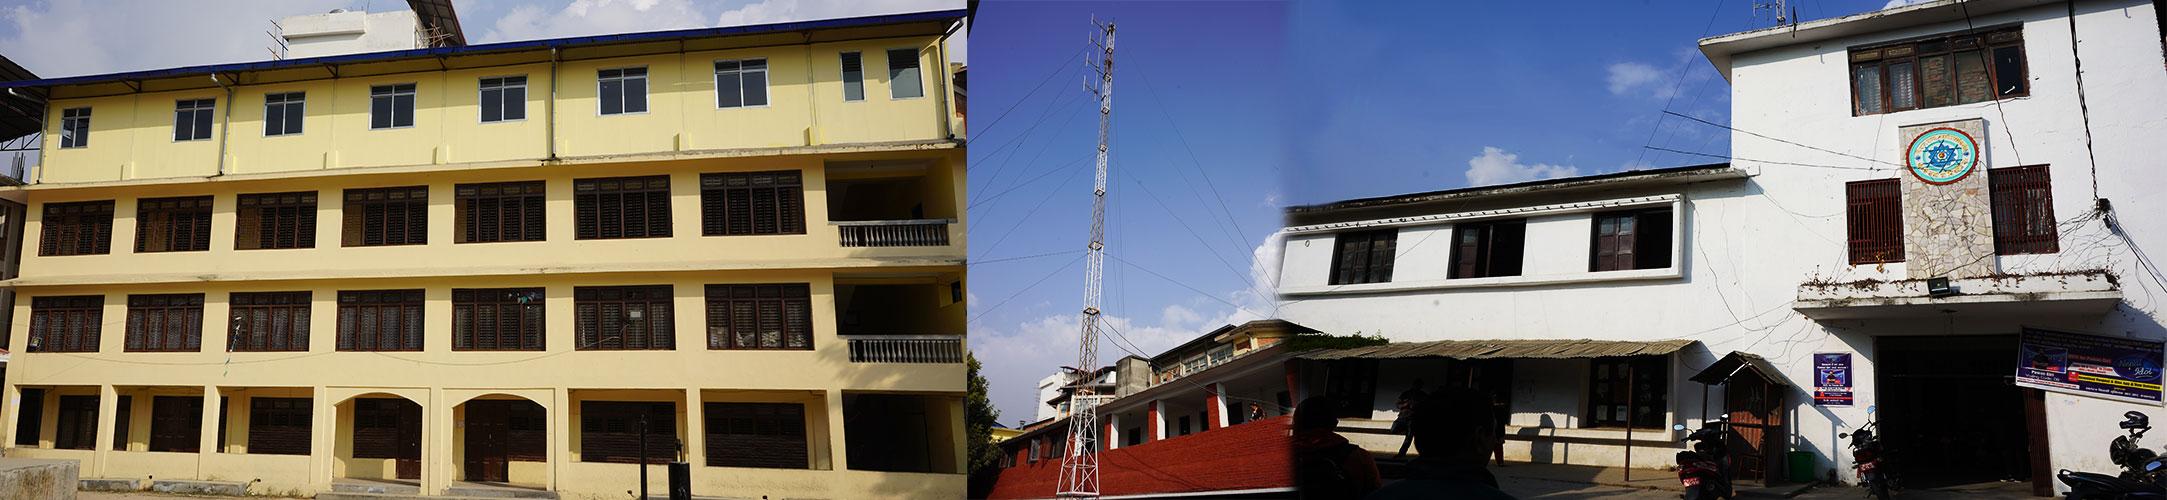 Ratna Rajya Laxmi Campus (RR Campus)